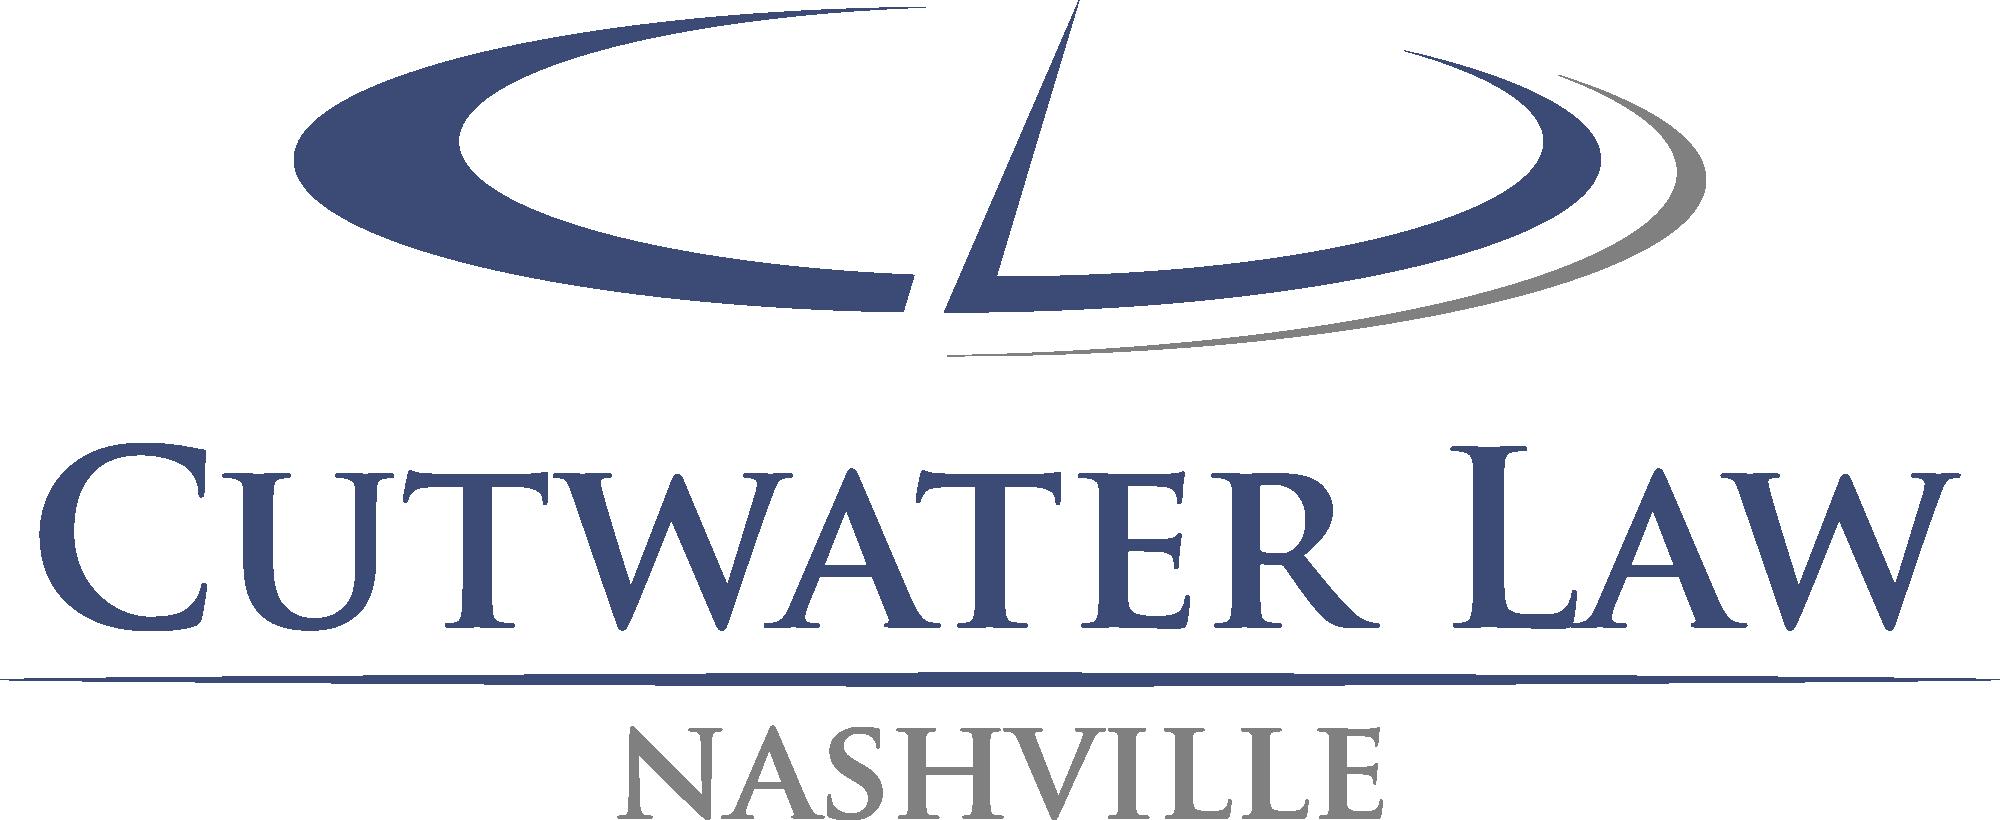 Cutwater Law